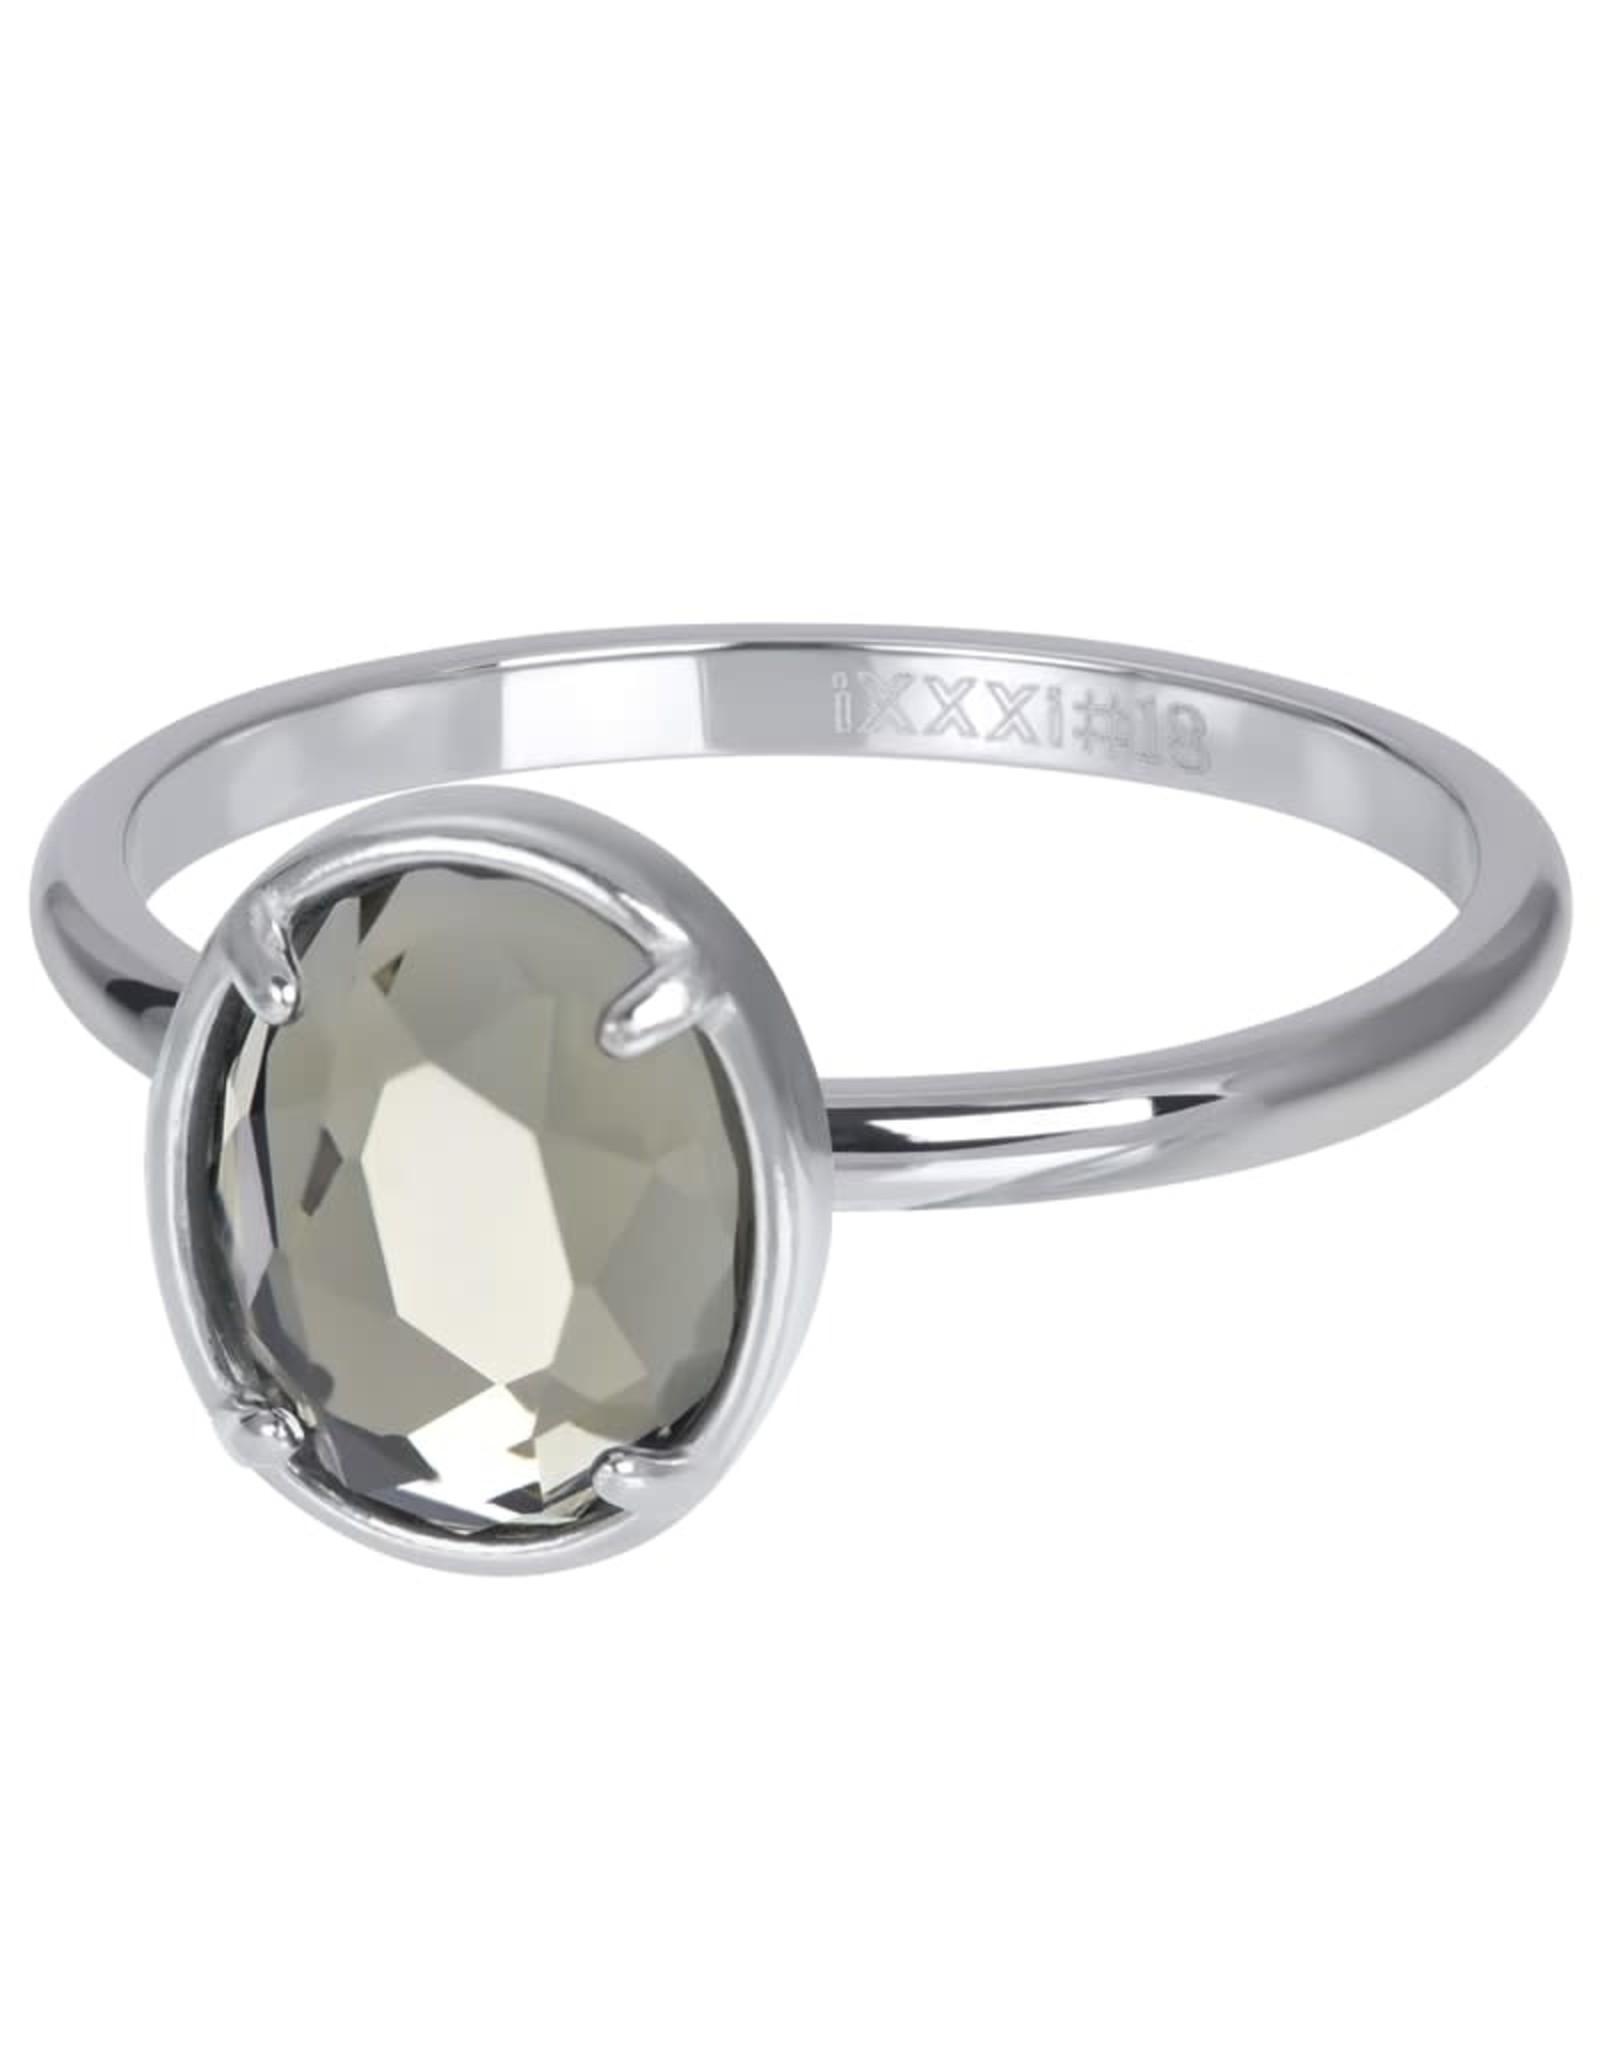 IXXXI IXXXI Glam Oval Crystal